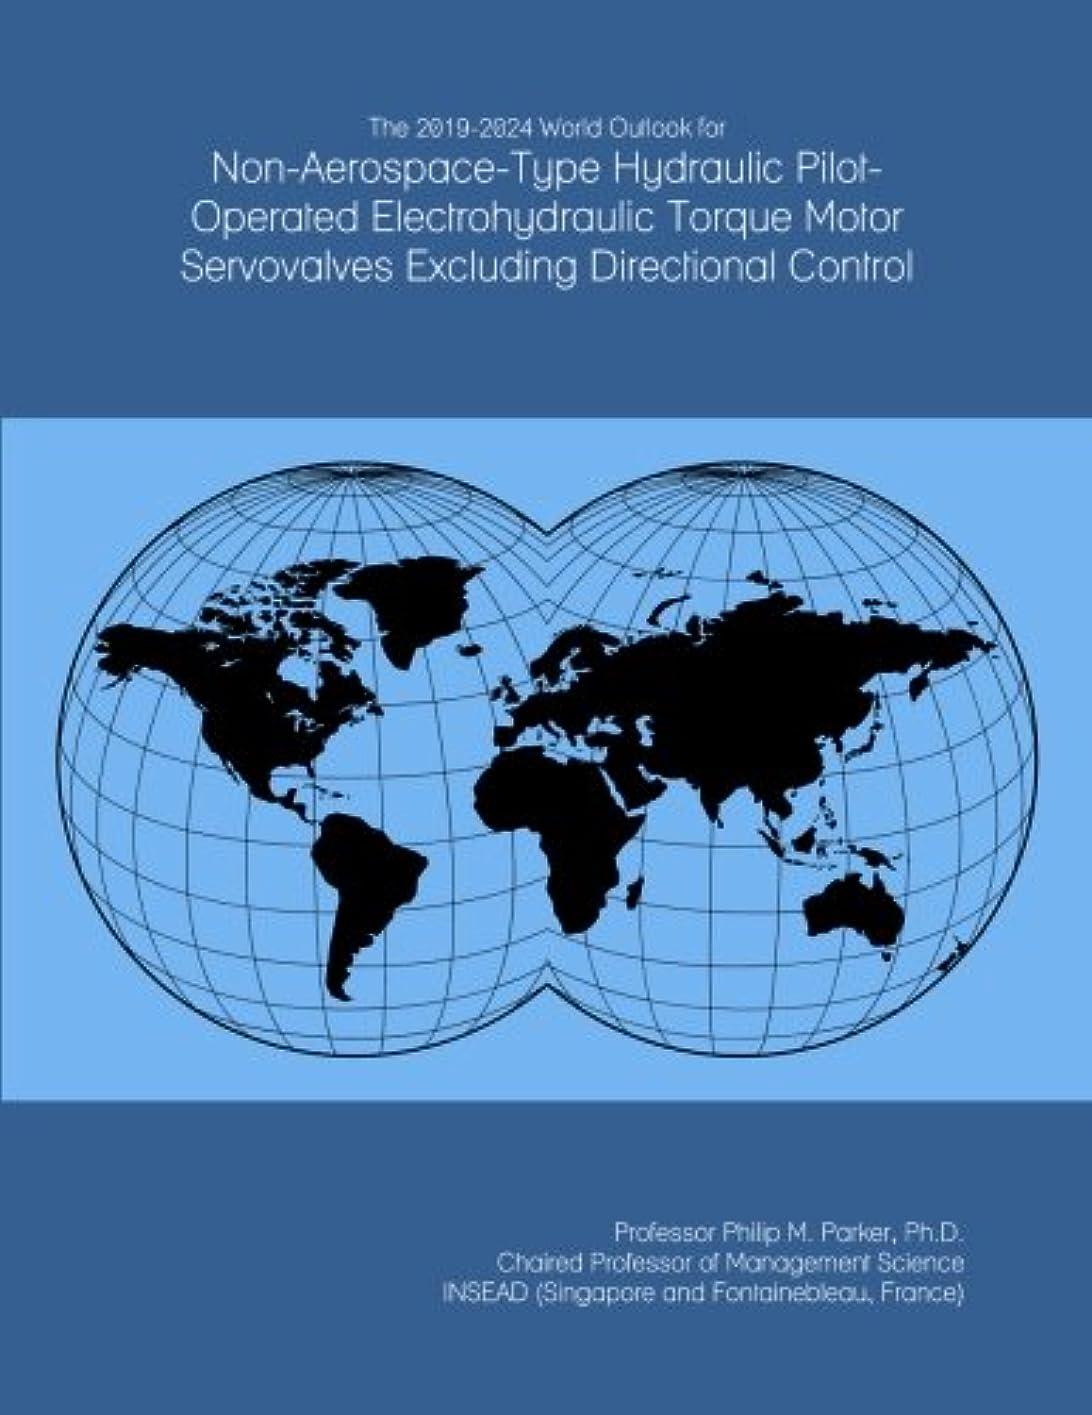 シンプルさ違法代数The 2019-2024 World Outlook for Non-Aerospace-Type Hydraulic Pilot-Operated Electrohydraulic Torque Motor Servovalves Excluding Directional Control